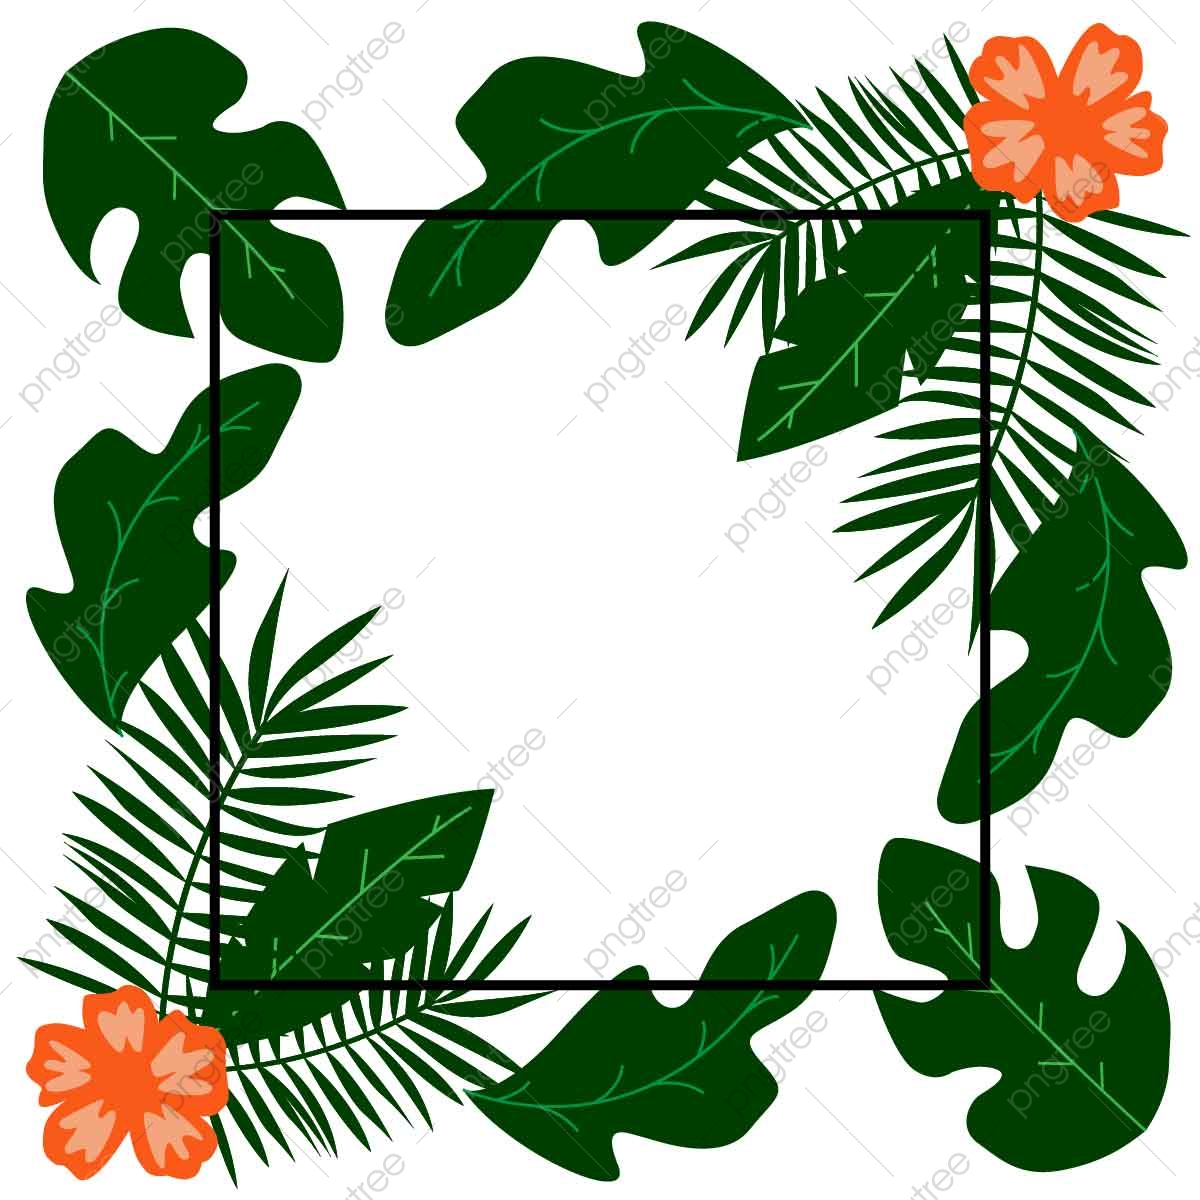 bingkai hijau tropis yang indah bingkai tropis bingkai hijau png dan vektor dengan latar belakang transparan untuk unduh gratis https id pngtree com freepng beautifull tropical green frame 5435592 html